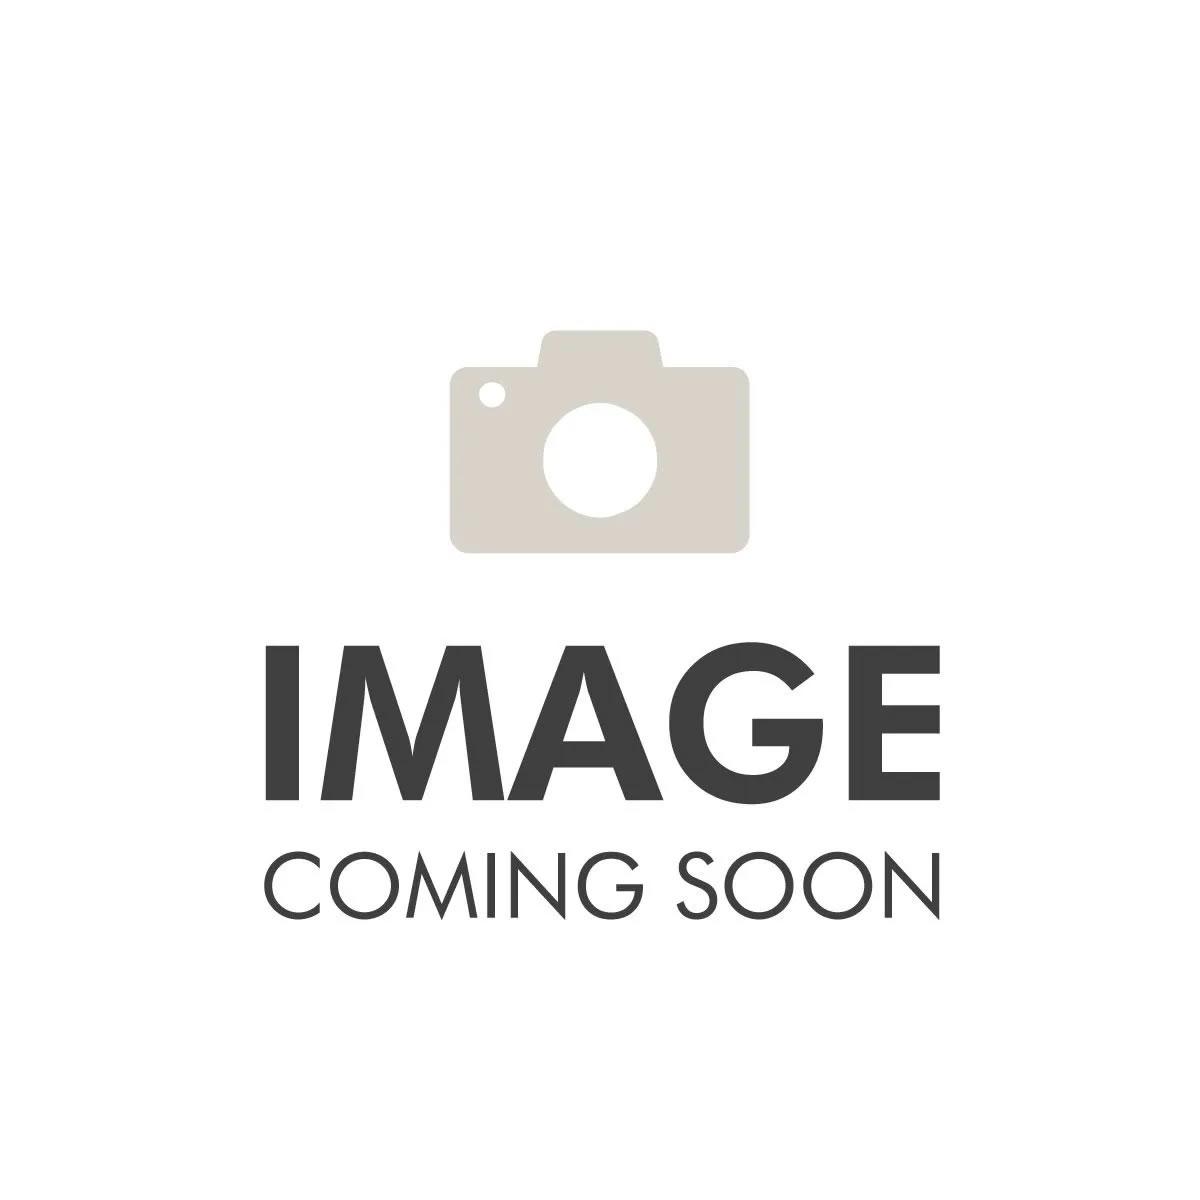 Front Cup Holder Trim, Chrome; 07-10 Jeep Wrangler JK